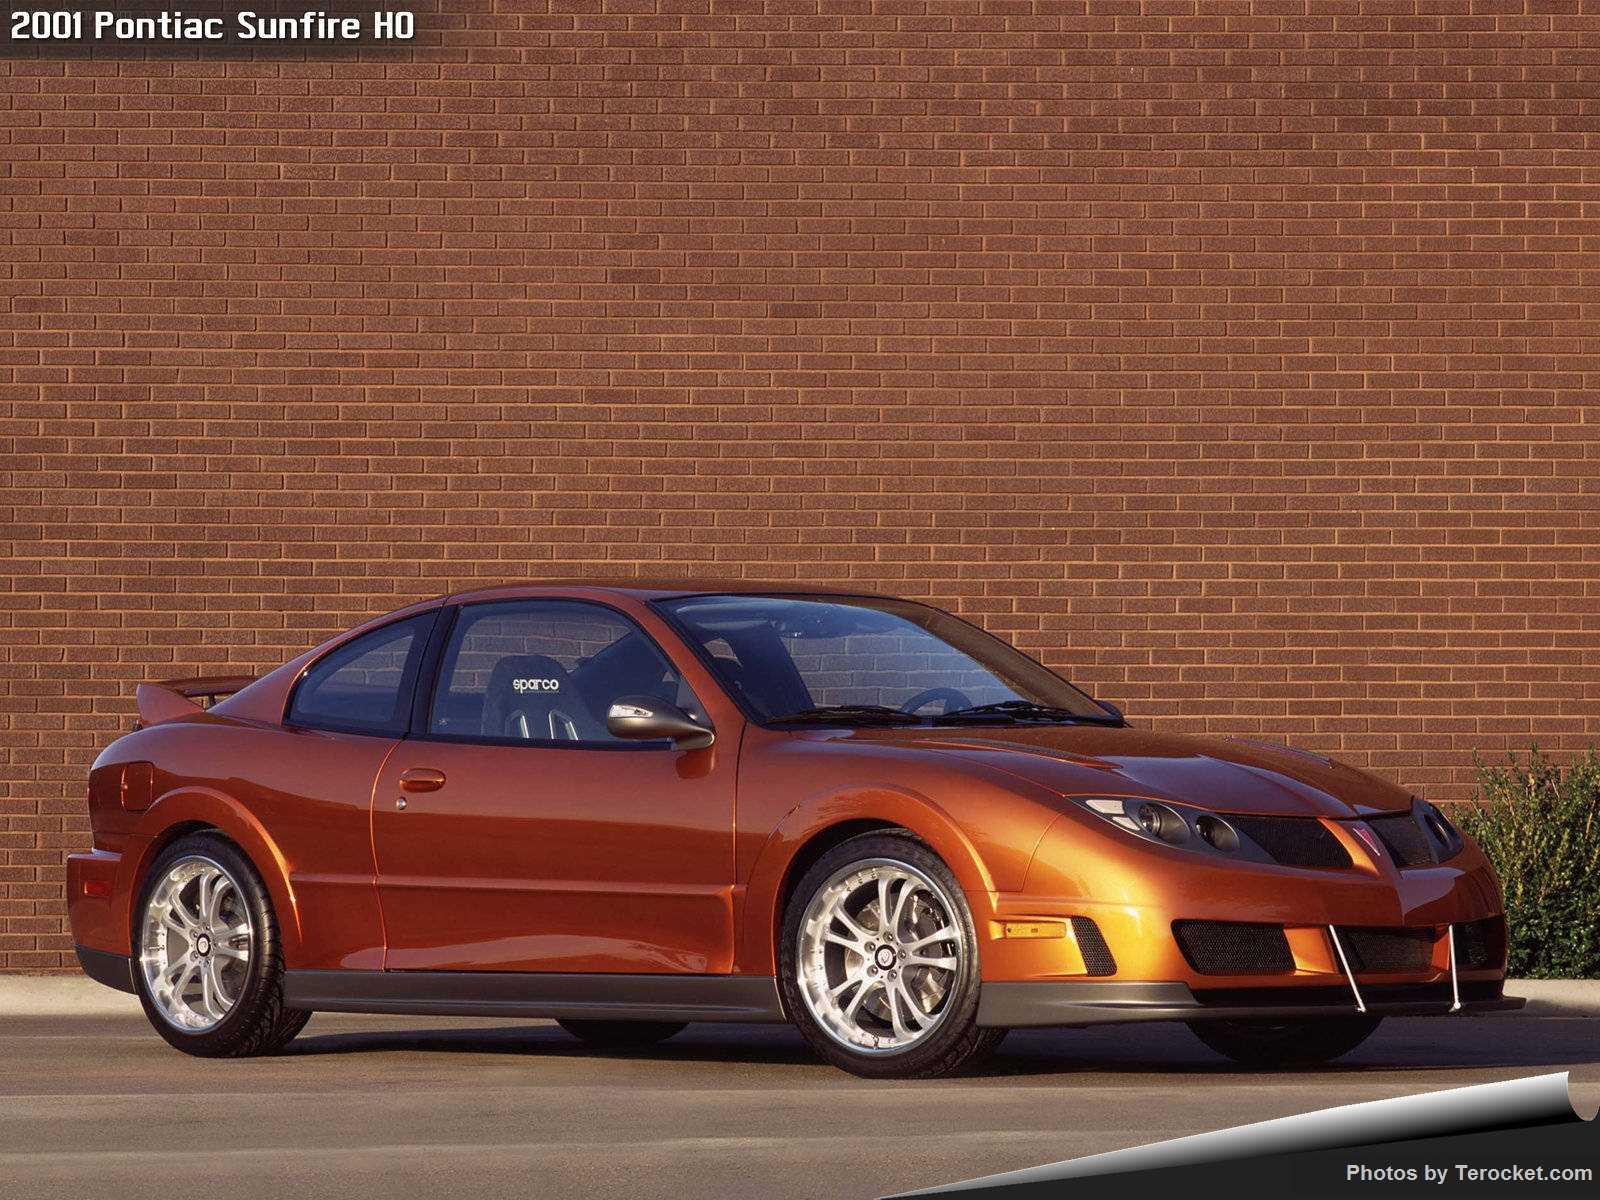 Hình ảnh xe ô tô Pontiac Sunfire HO 2001 & nội ngoại thất